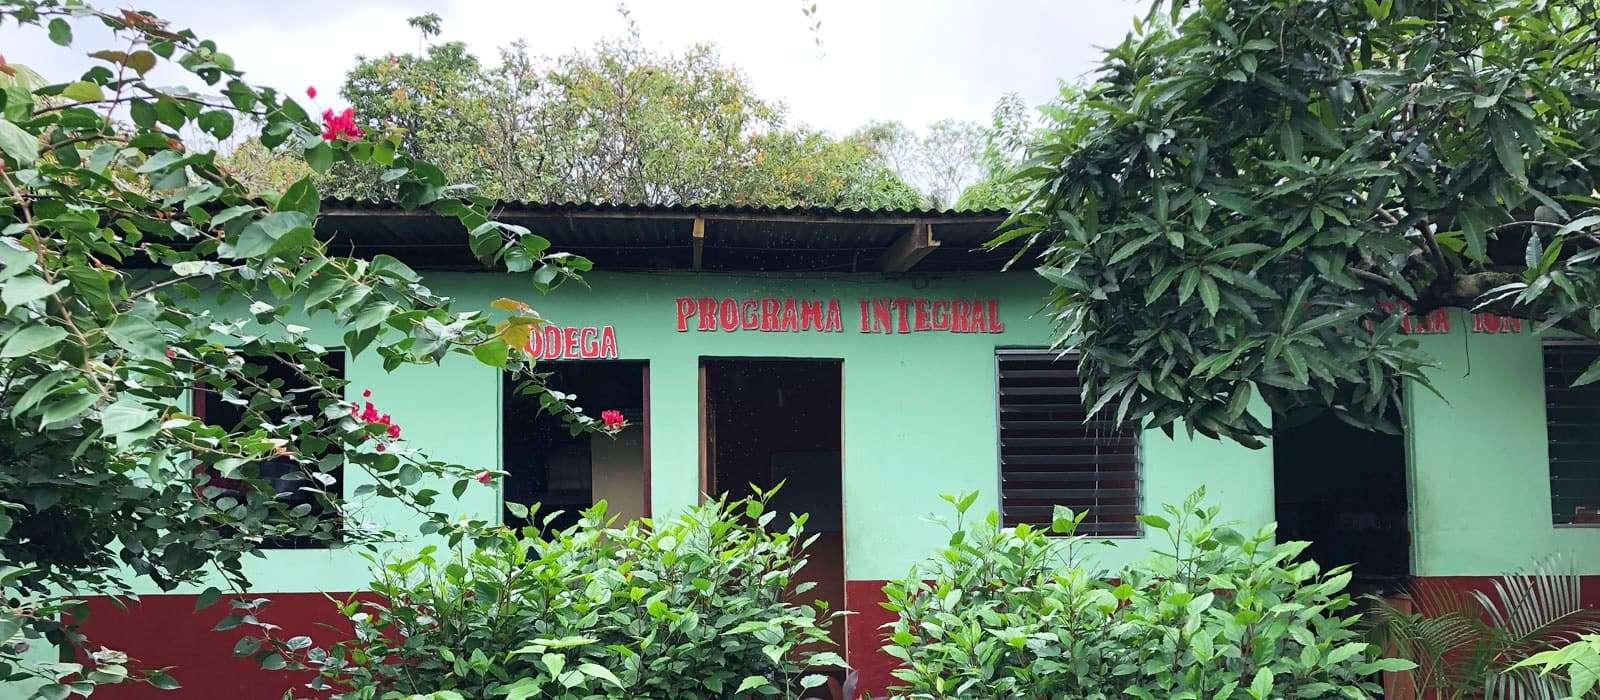 Voluntariado Nicaragua - Hogar Luceros del Amanecer